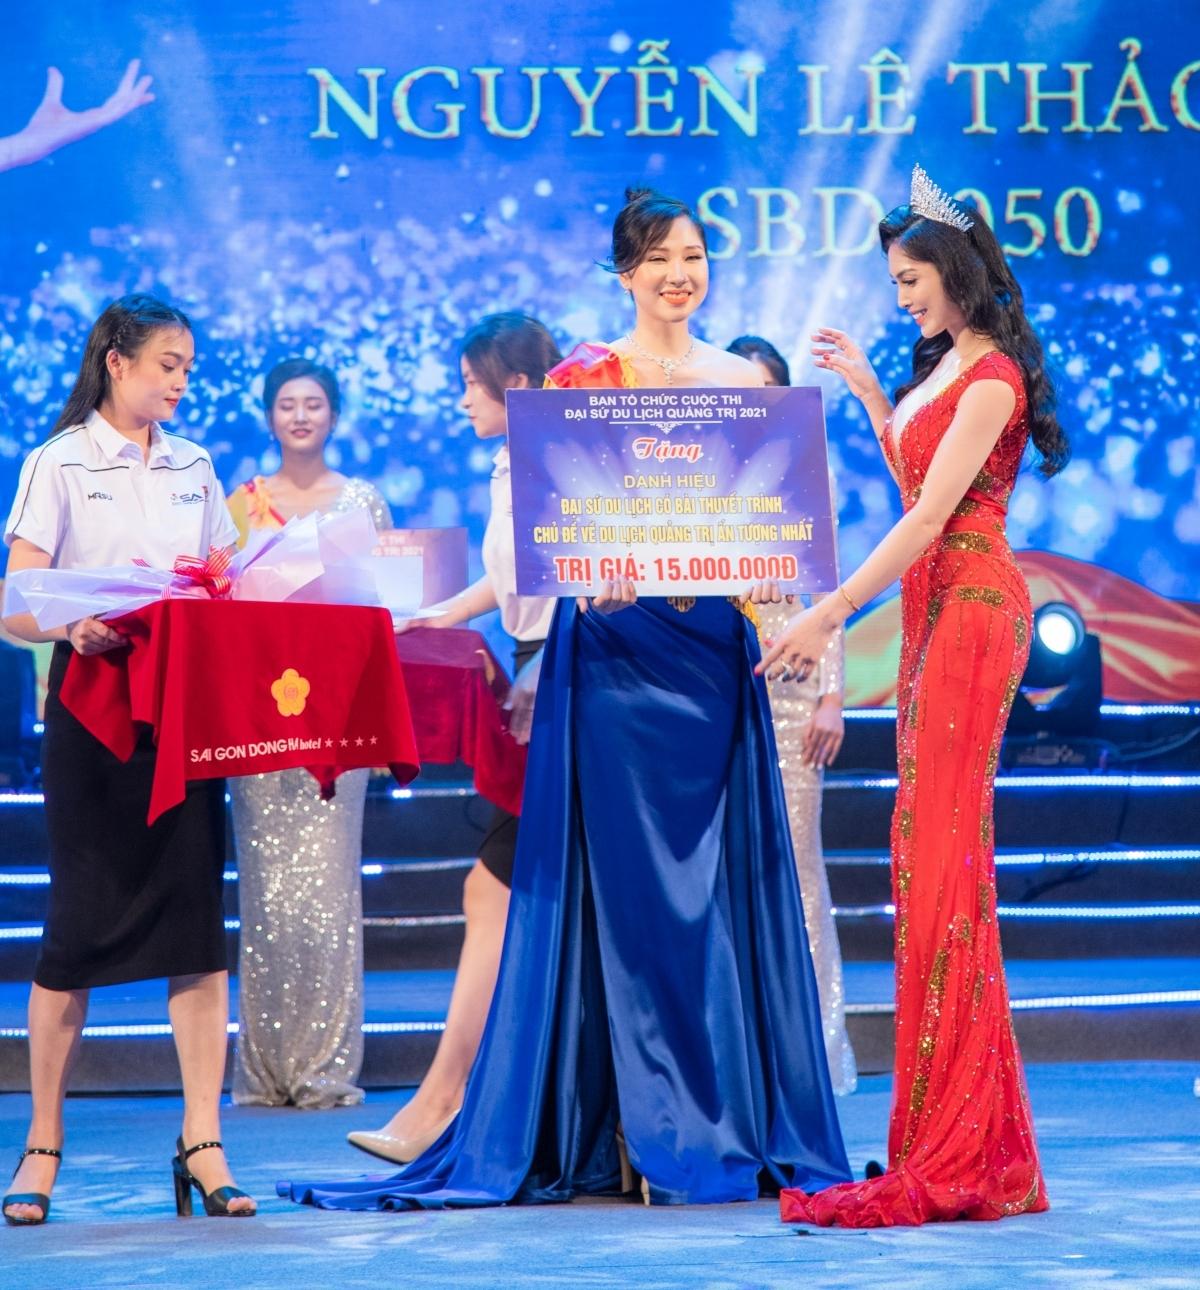 Nữ hoàng Tài năng Kim Huyền Sâm đẹp quyến rũ trên ghế nóng tìm đại sứ